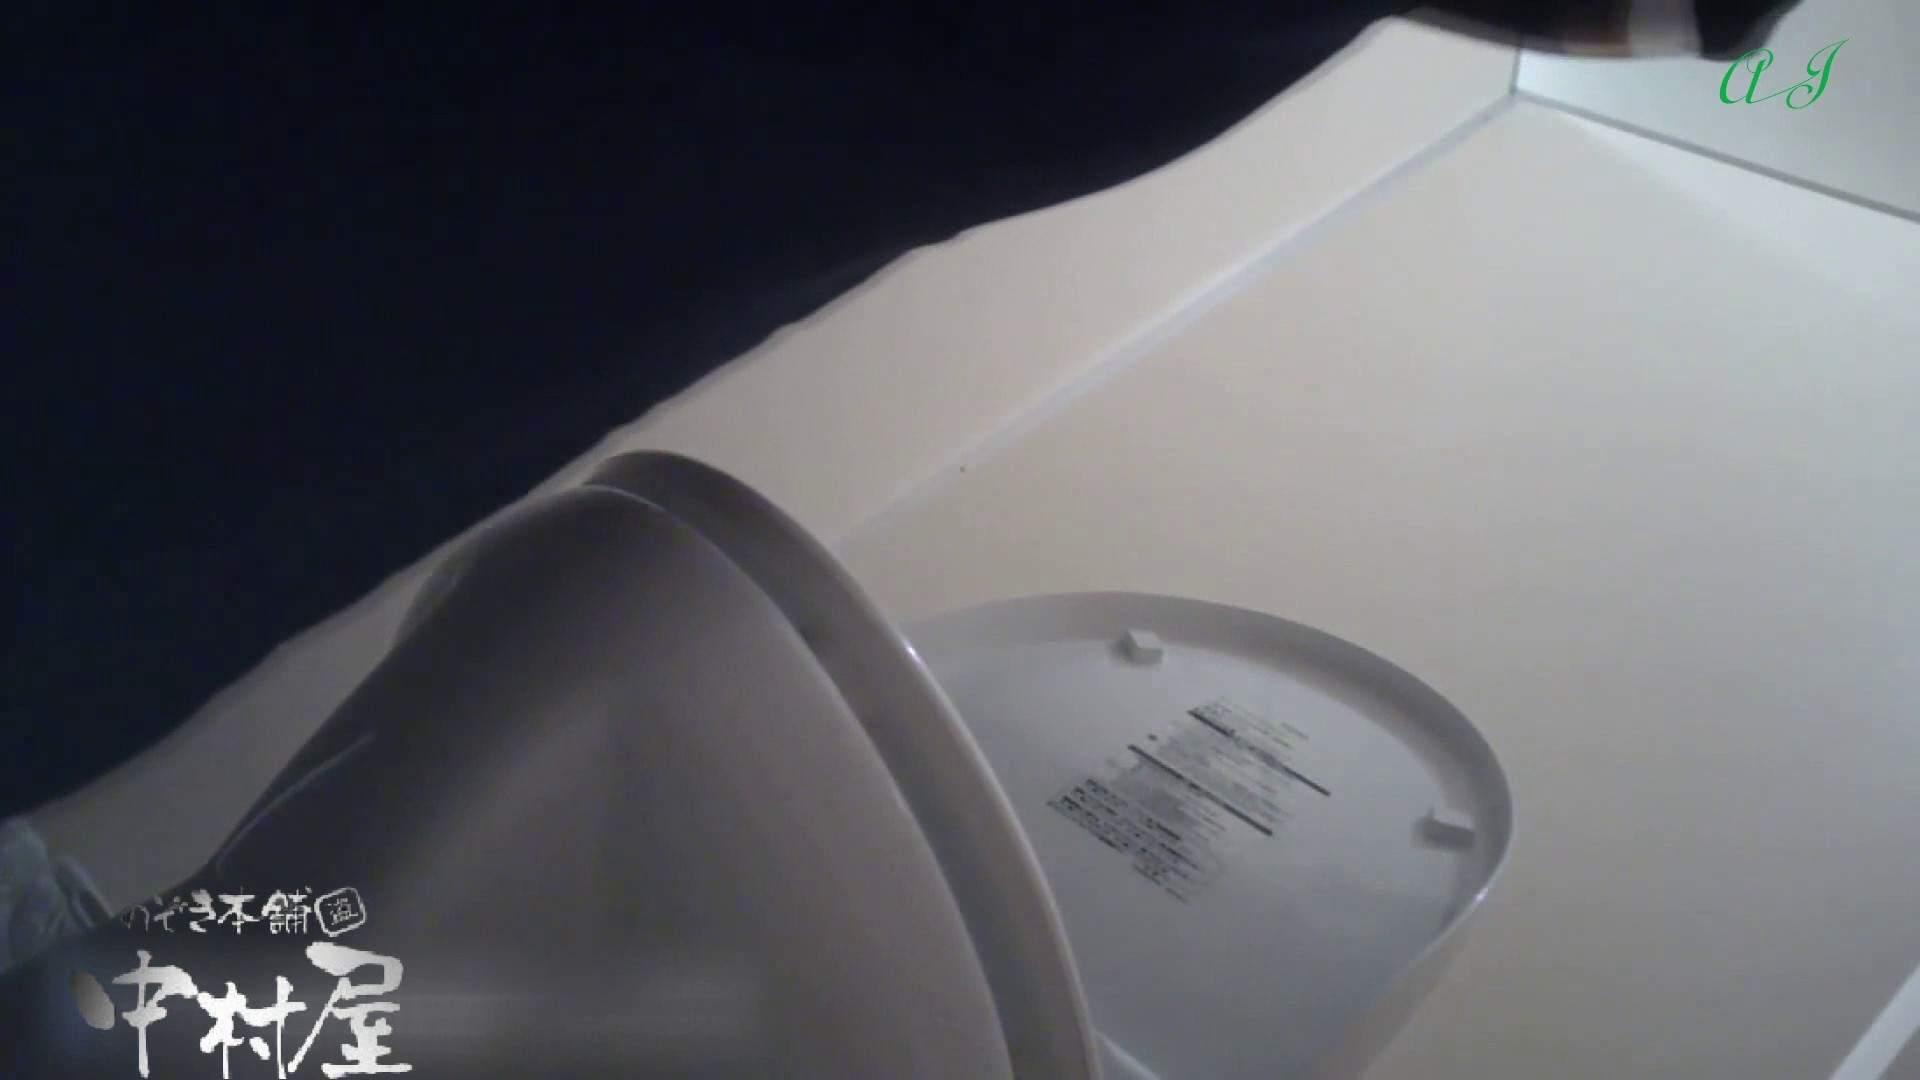 新アングル 4名の美女達 有名大学女性洗面所 vol.76 いやらしいOL おまんこ無修正動画無料 68連発 2